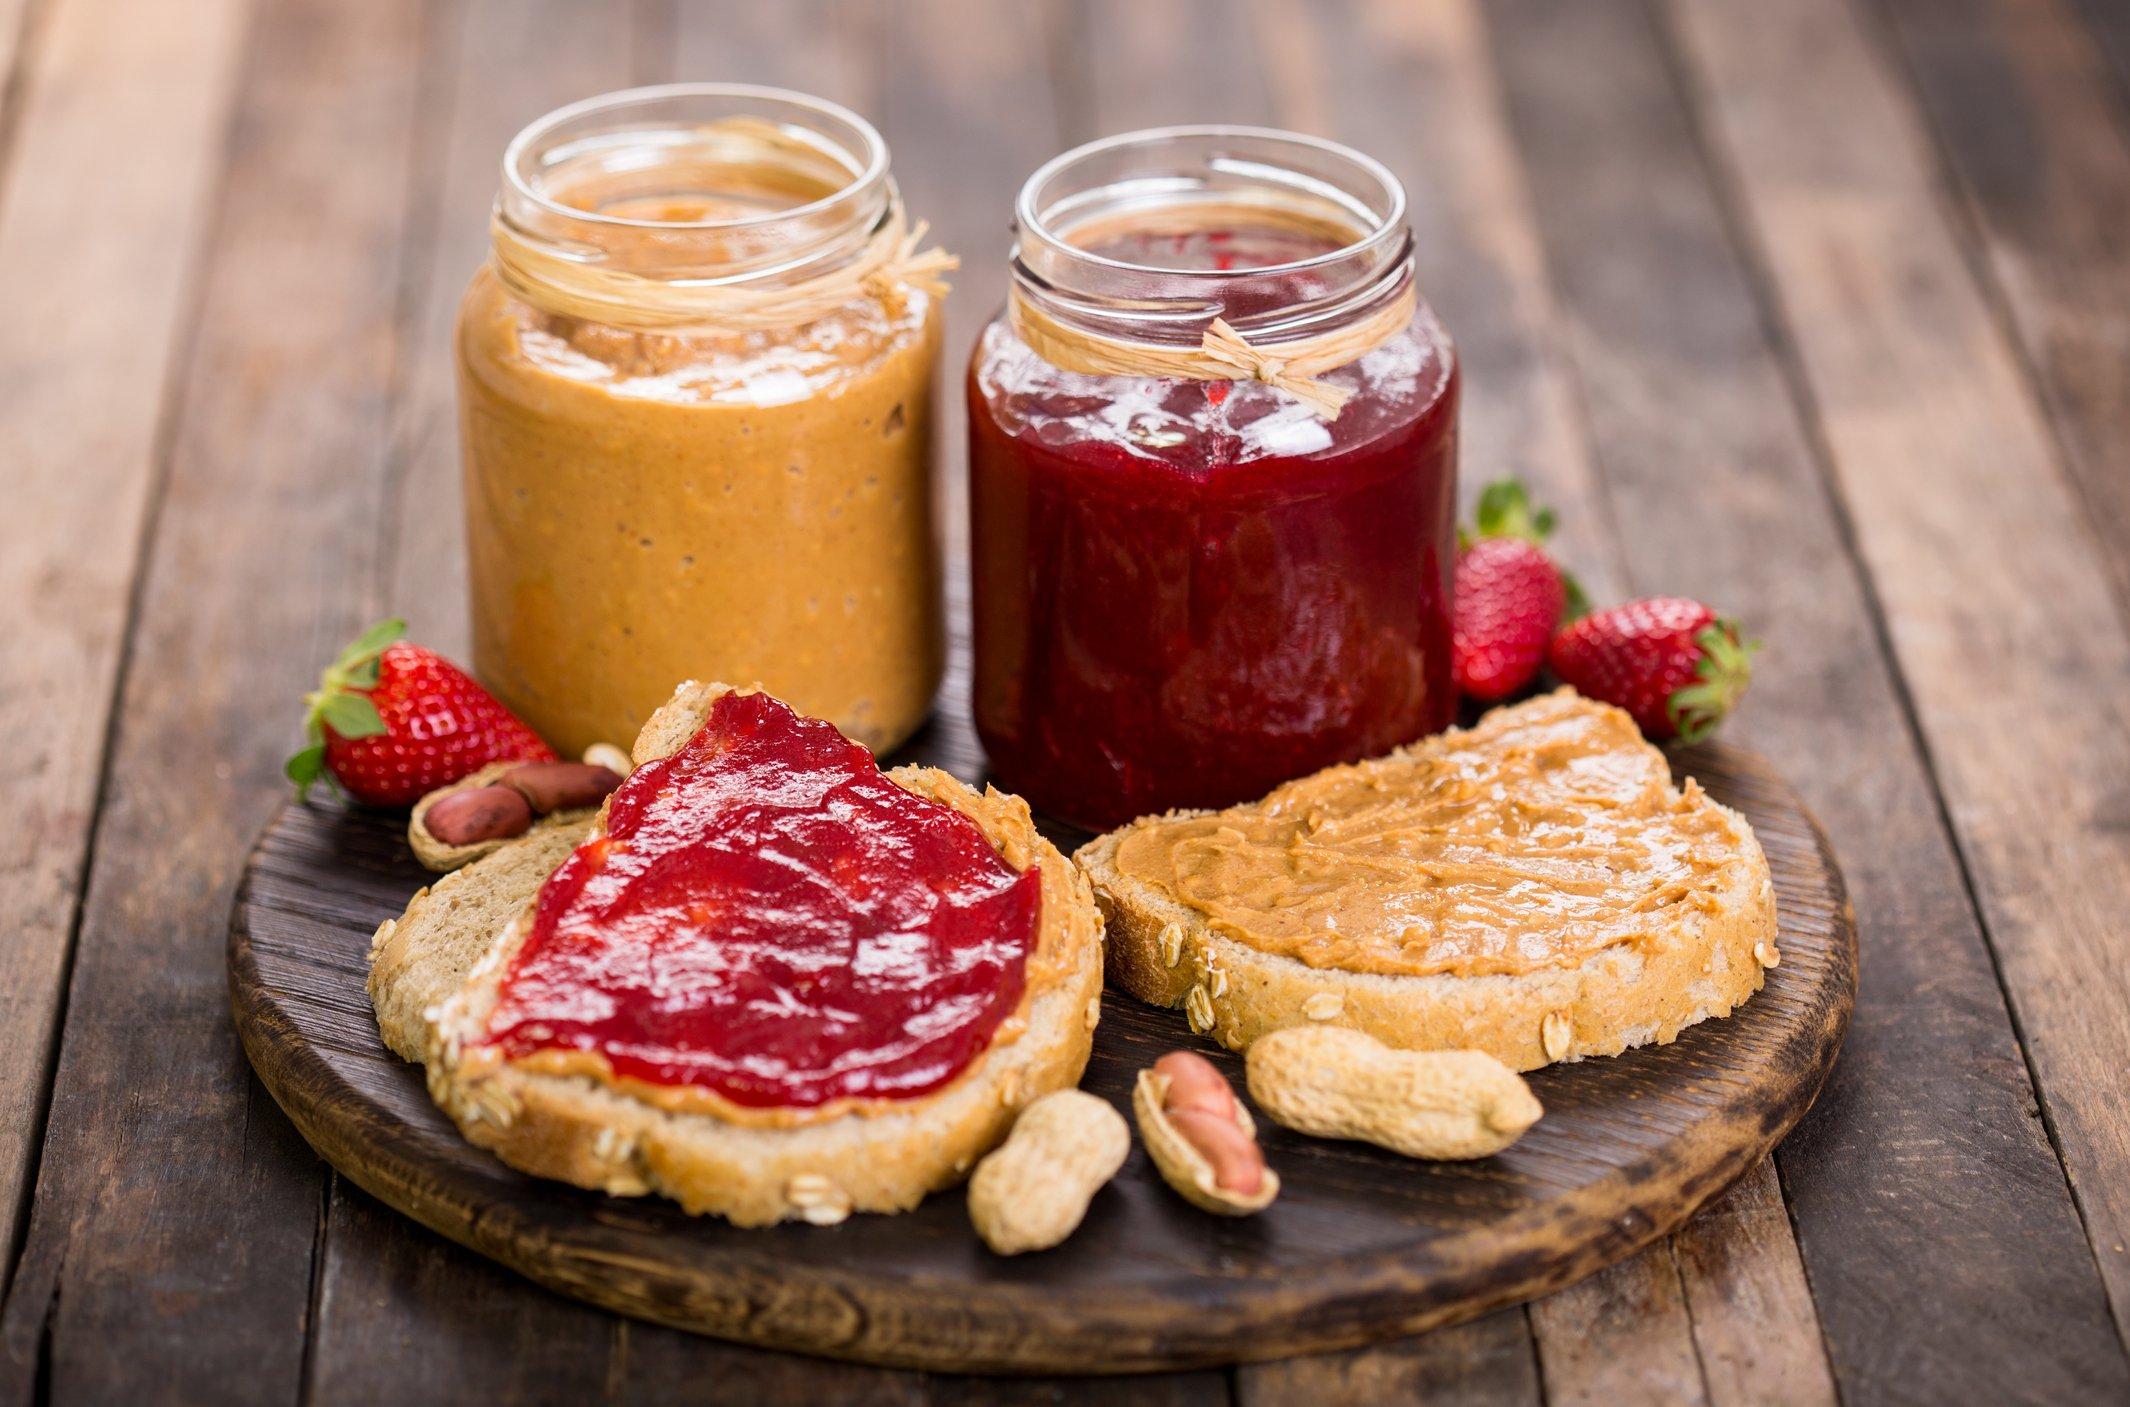 De la gelée de fraise est le complément parfait à un sandwich au beurre d'arachide classique. (Photo iStock)